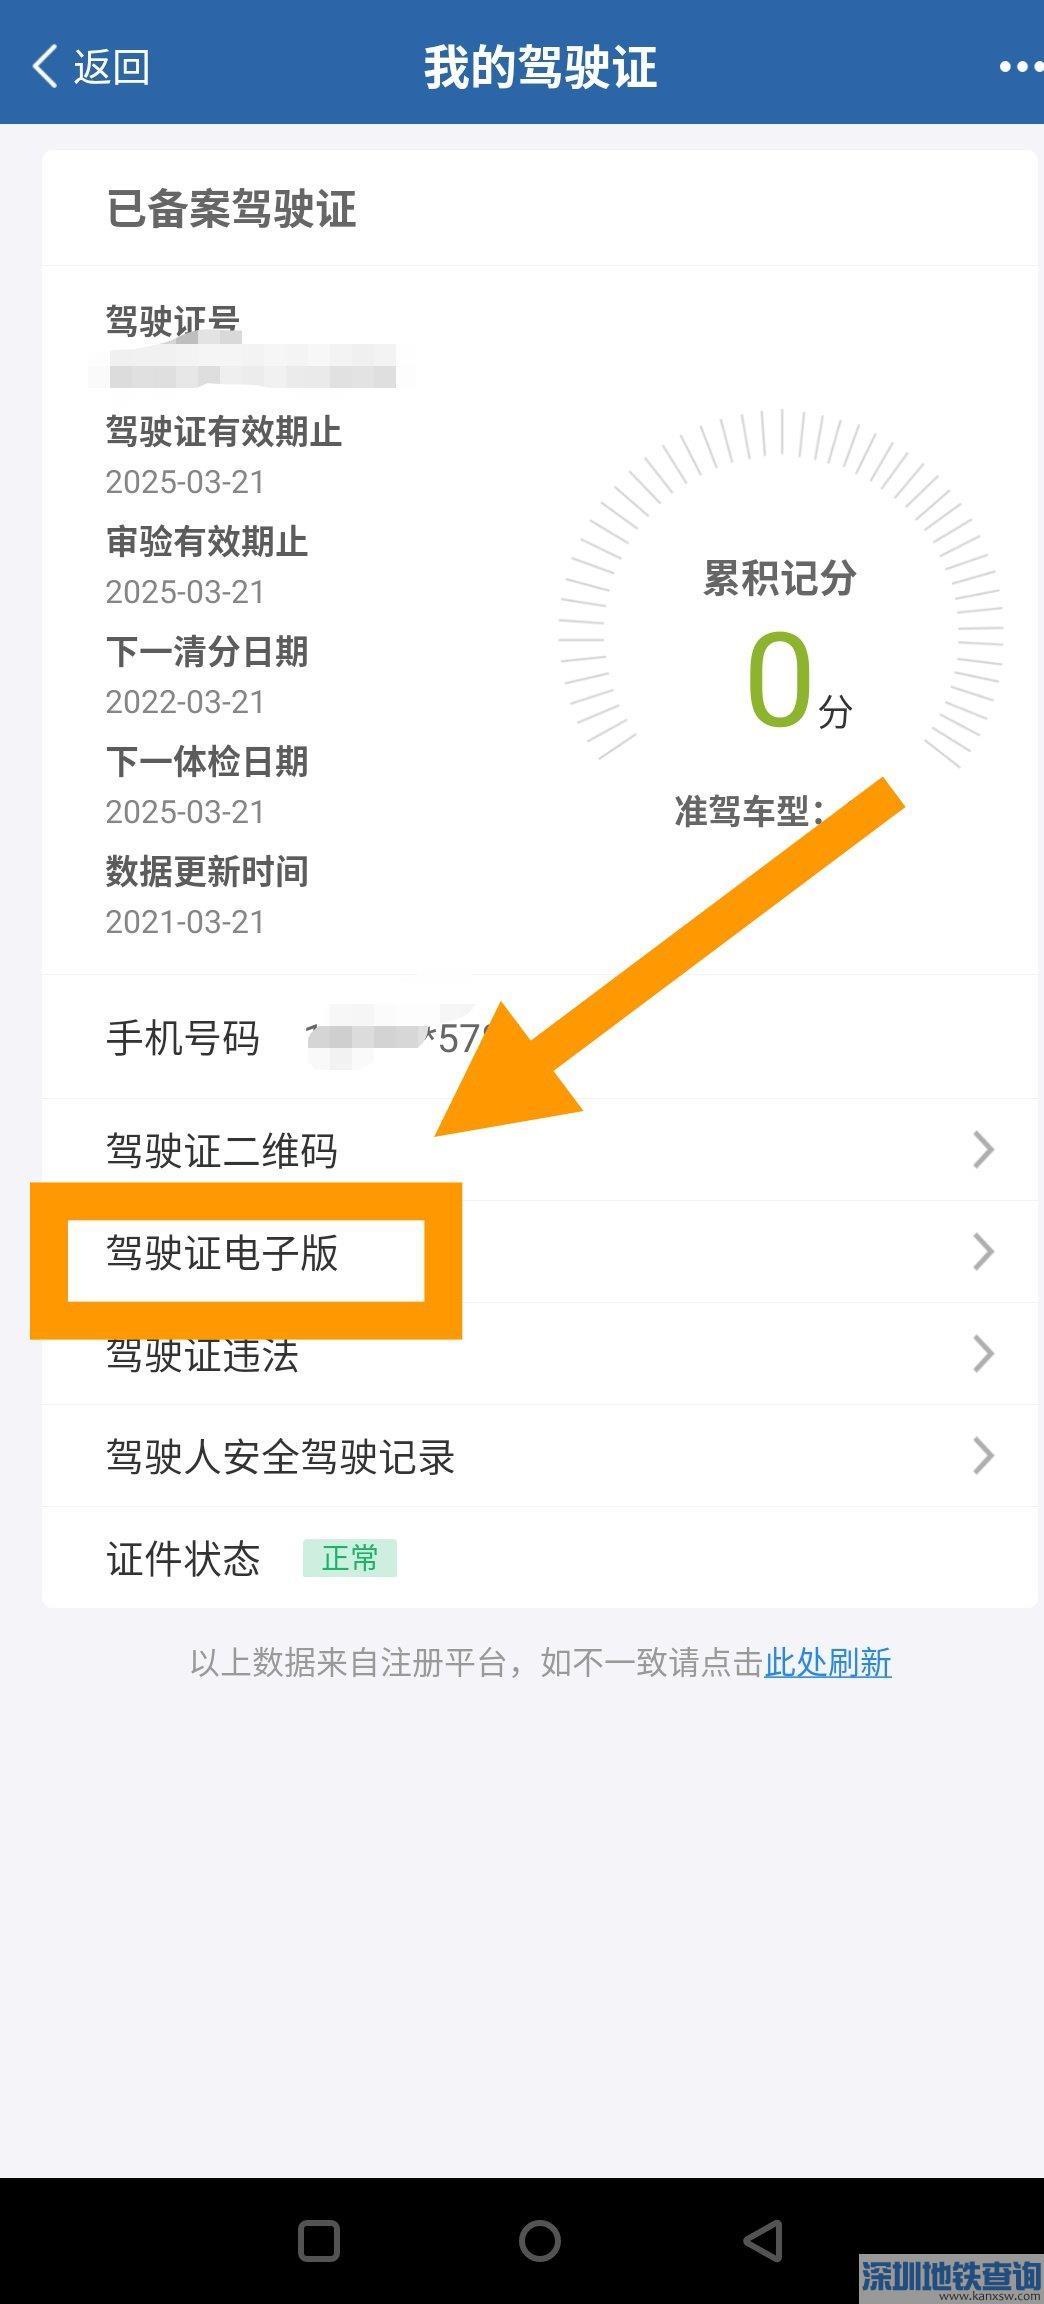 深圳使用电子驾驶证能处理交通违法吗?附详细图文教程